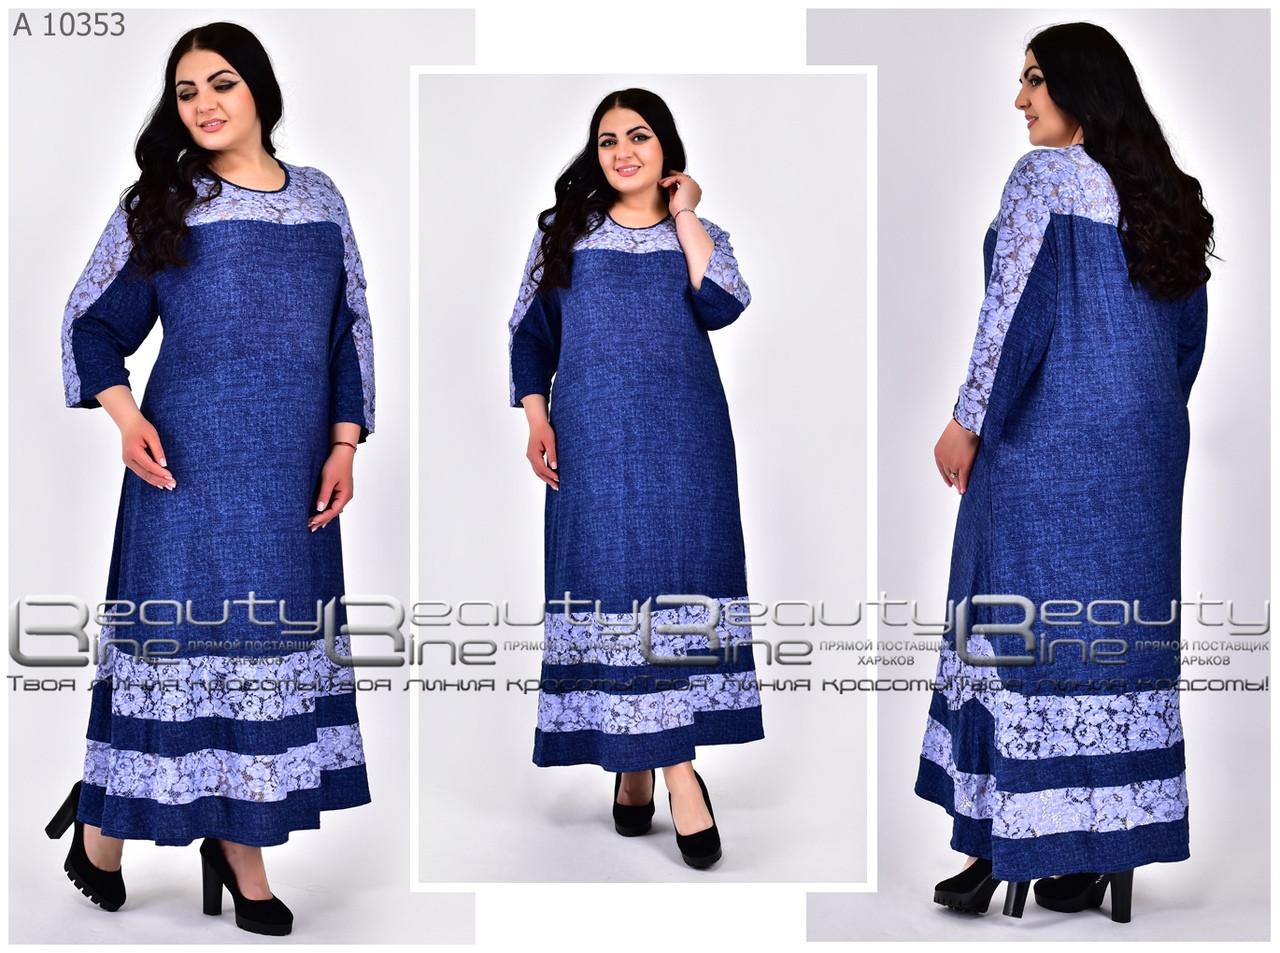 Нарядное платье в большом размере Размер: 70